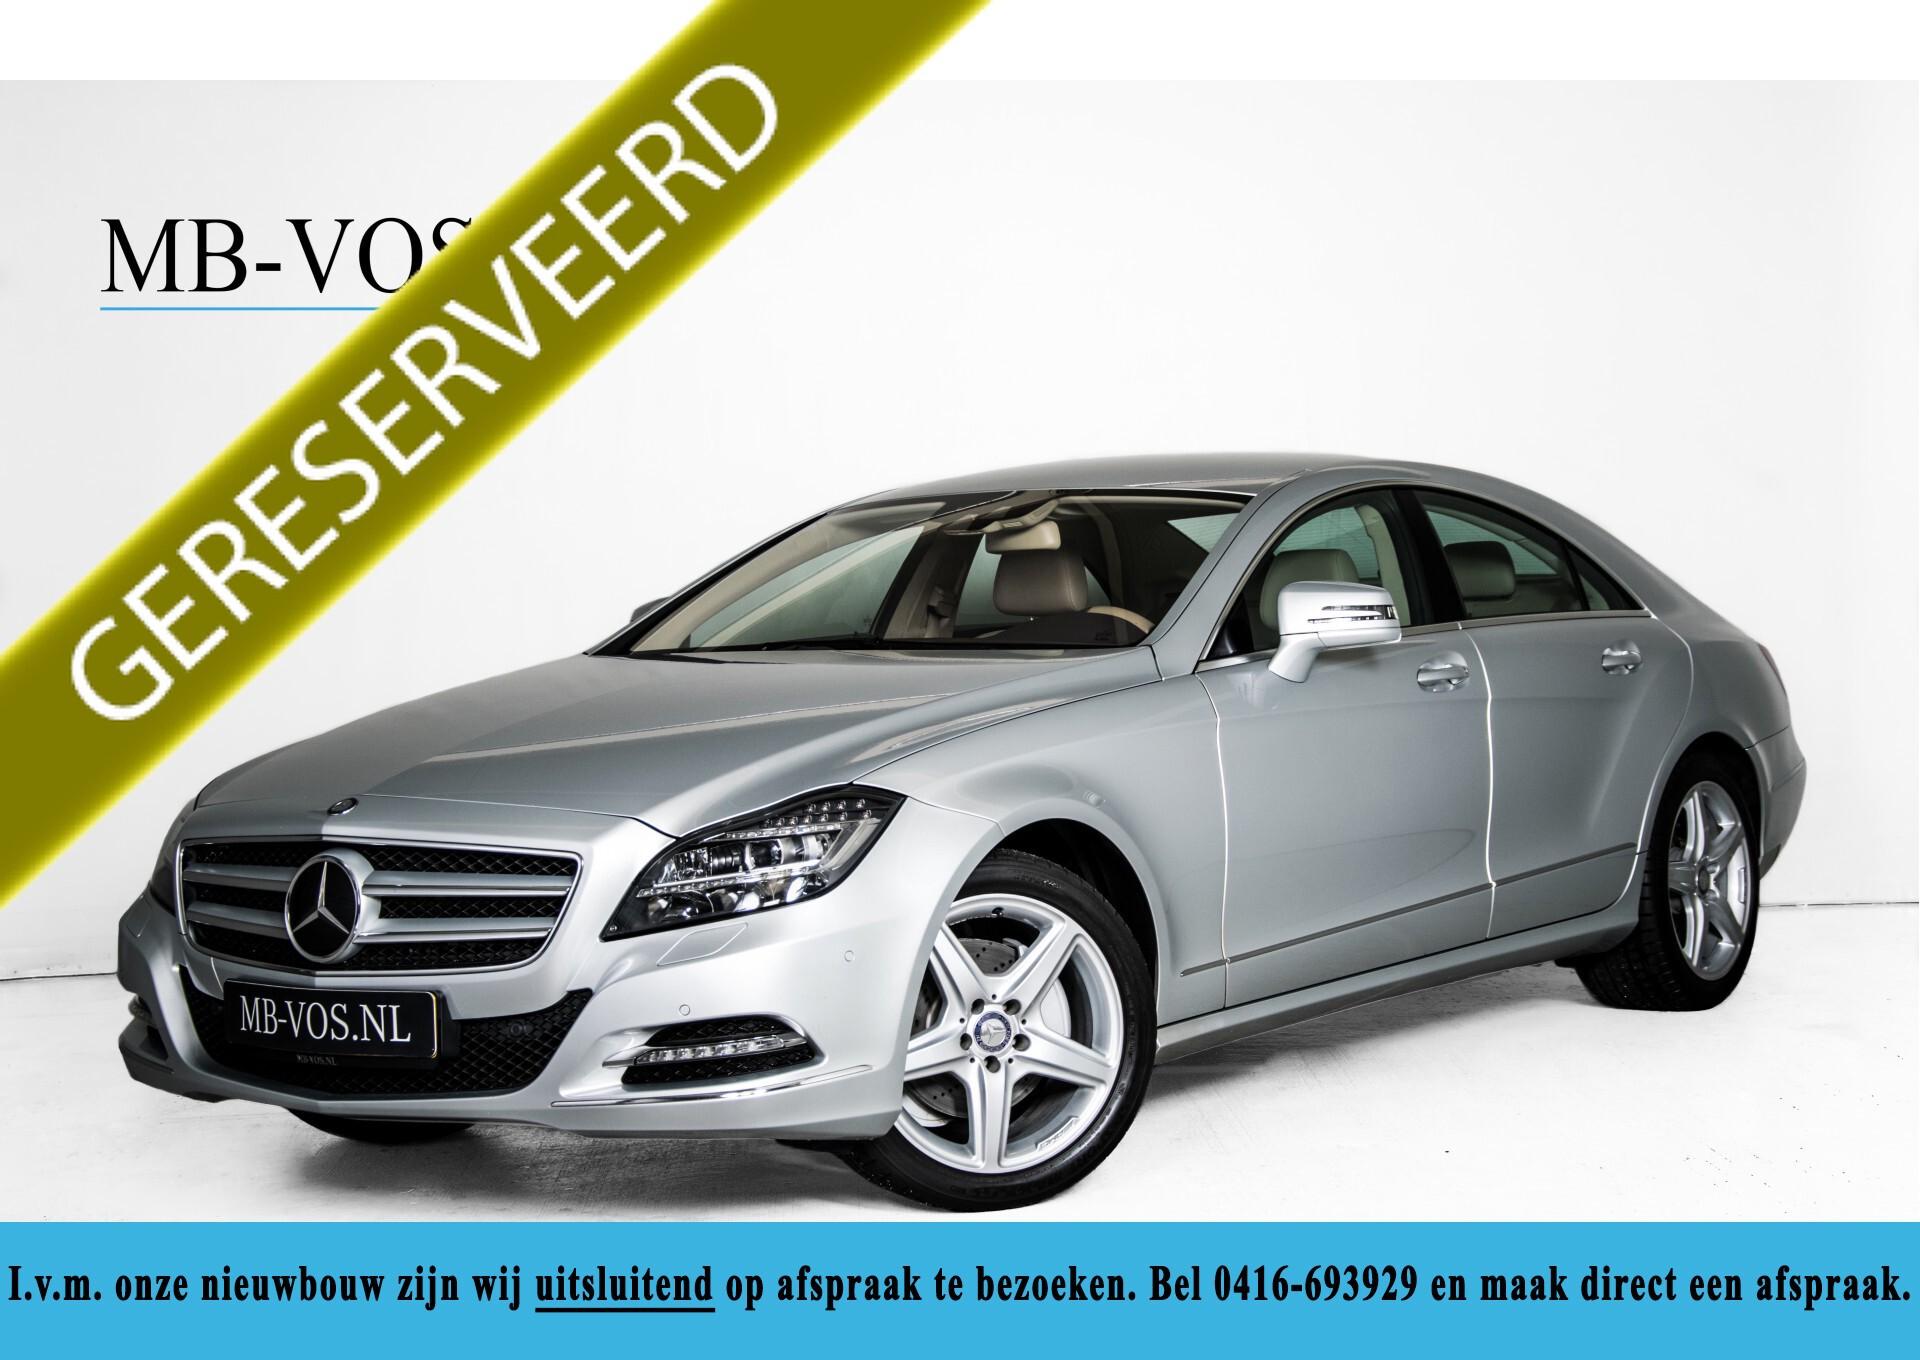 Mercedes-Benz CLS-Klasse 350 Cdi Luchtvering/Distronic/Nachtzicht/AMG/Comand/ILS Aut7 Foto 1